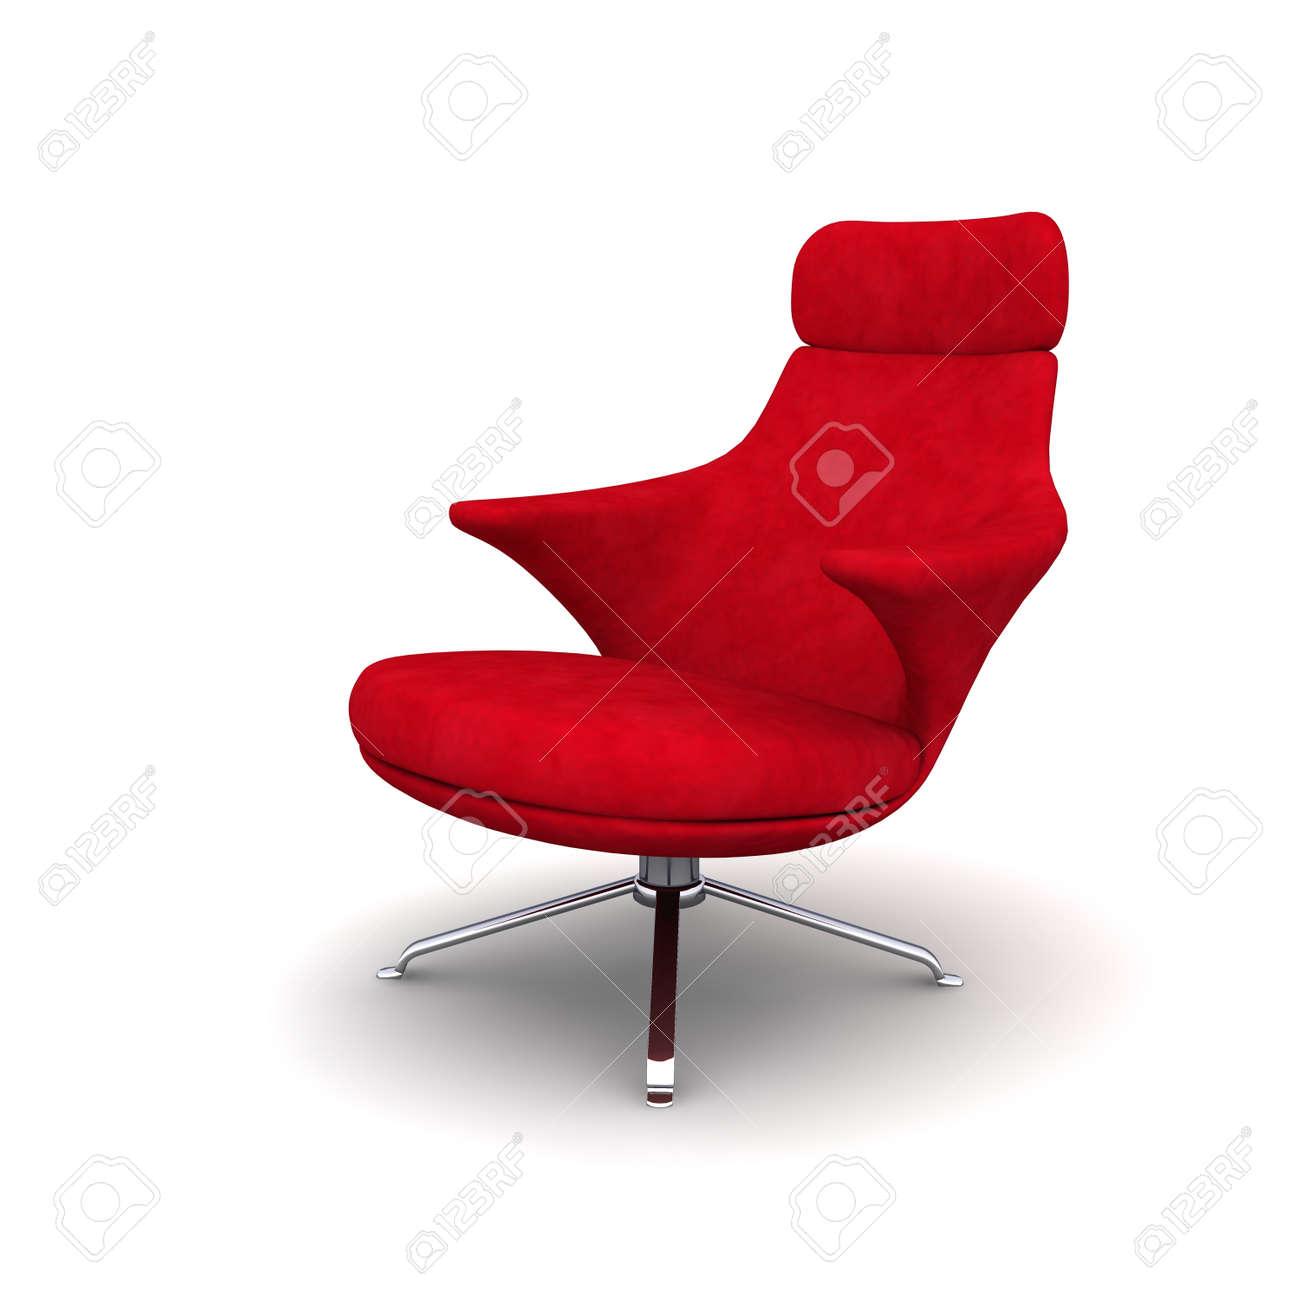 La Poltrona Rossa.La Poltrona Rossa E Ideale Per L Interno Di Un Ufficio